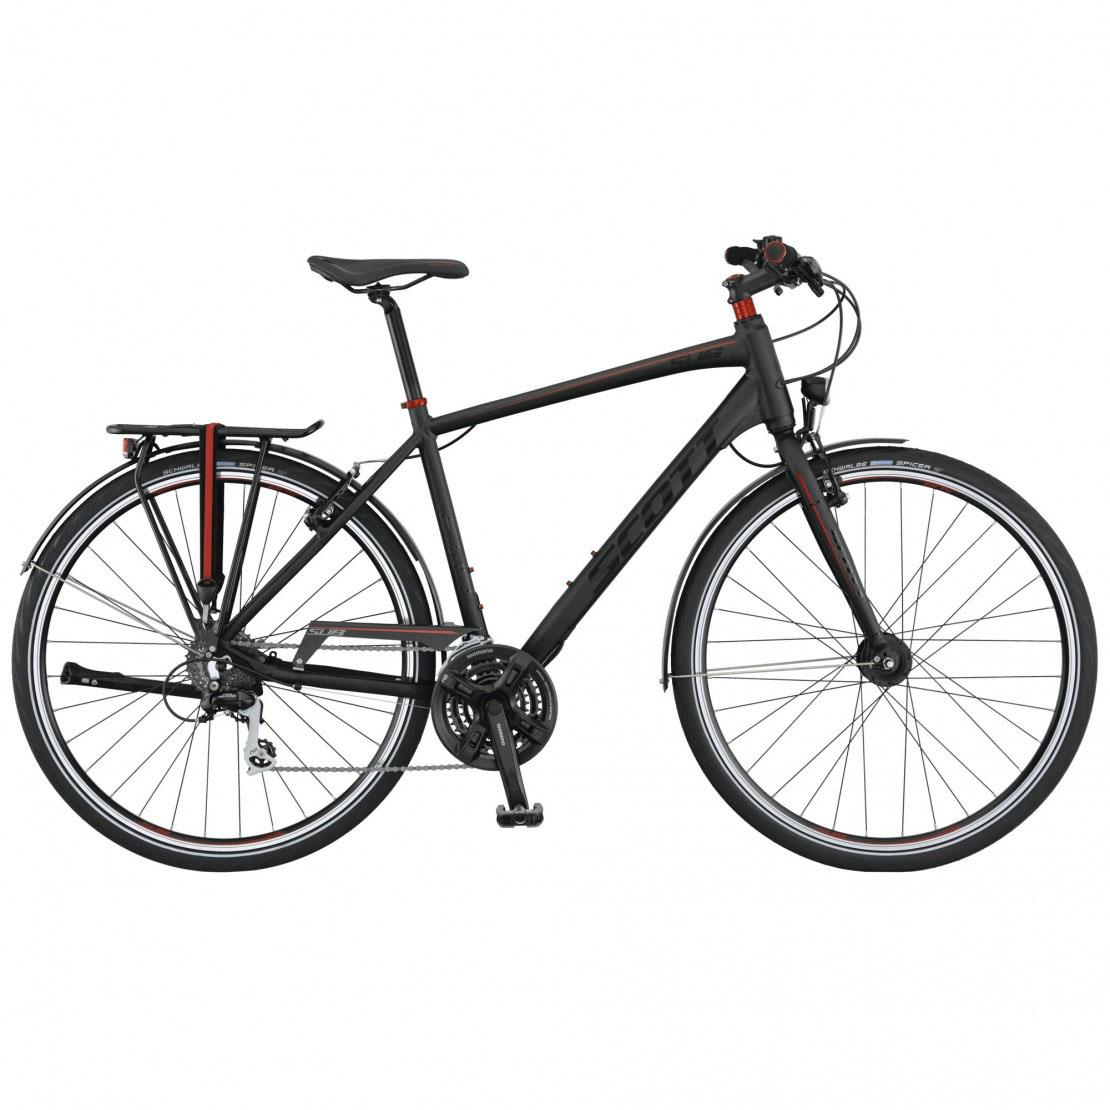 Scott Sub Evo 40 2015 Hybrid Hybrid Bike